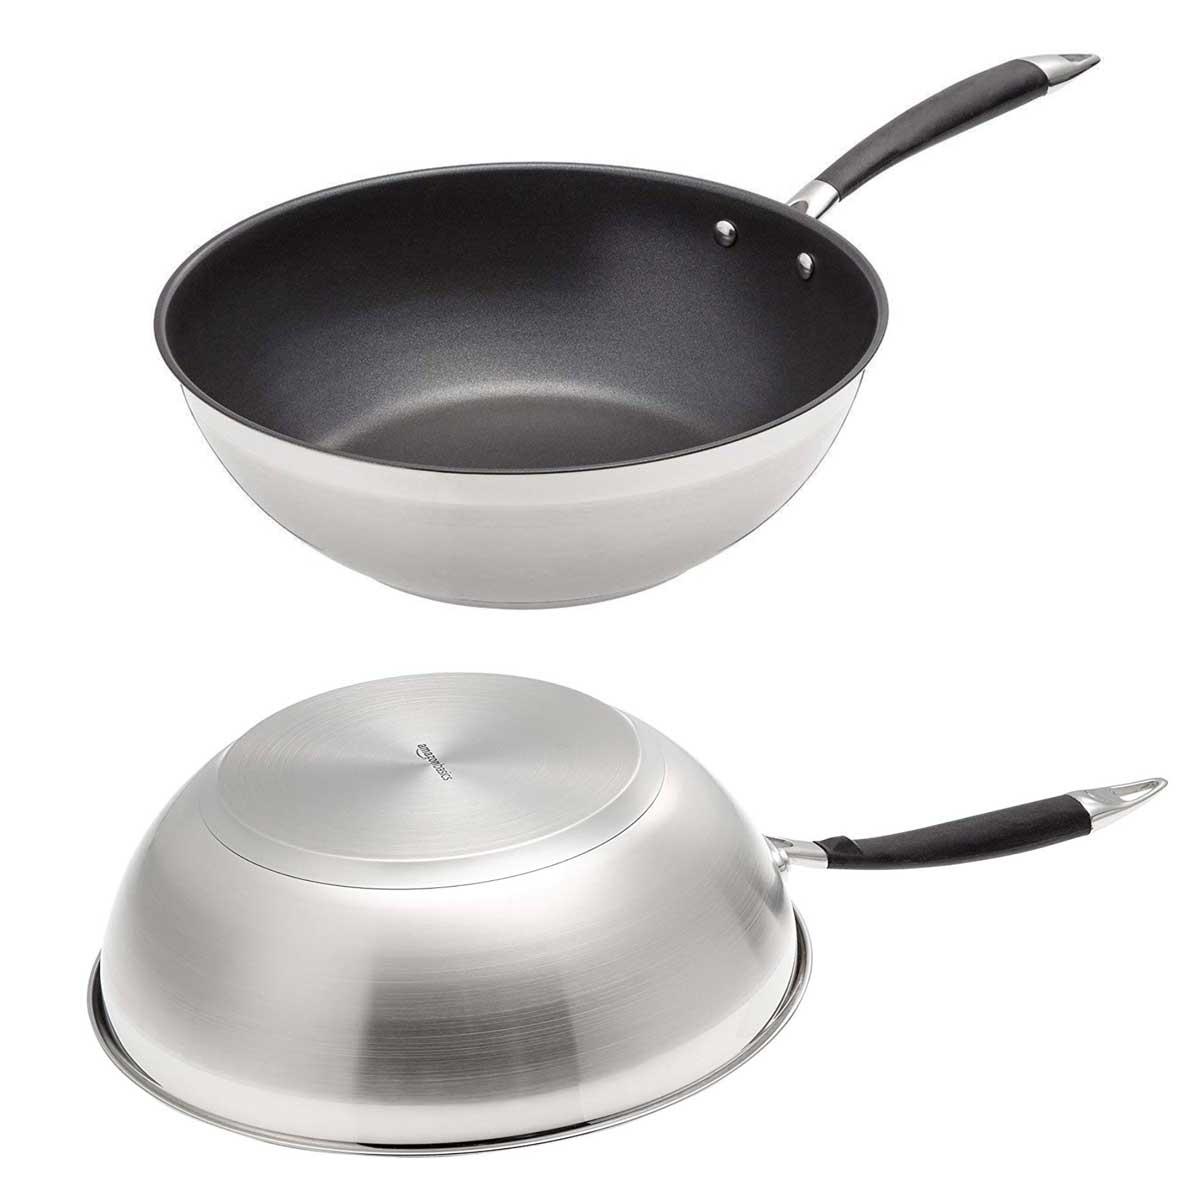 IKOHS Pan liberi di PDFE e PFOA Padella in alluminio per tutti i tipi di cucina inclusa induzione rivestimento antiaderente manico in bachelite verde, 20/_ cm design retr/ò